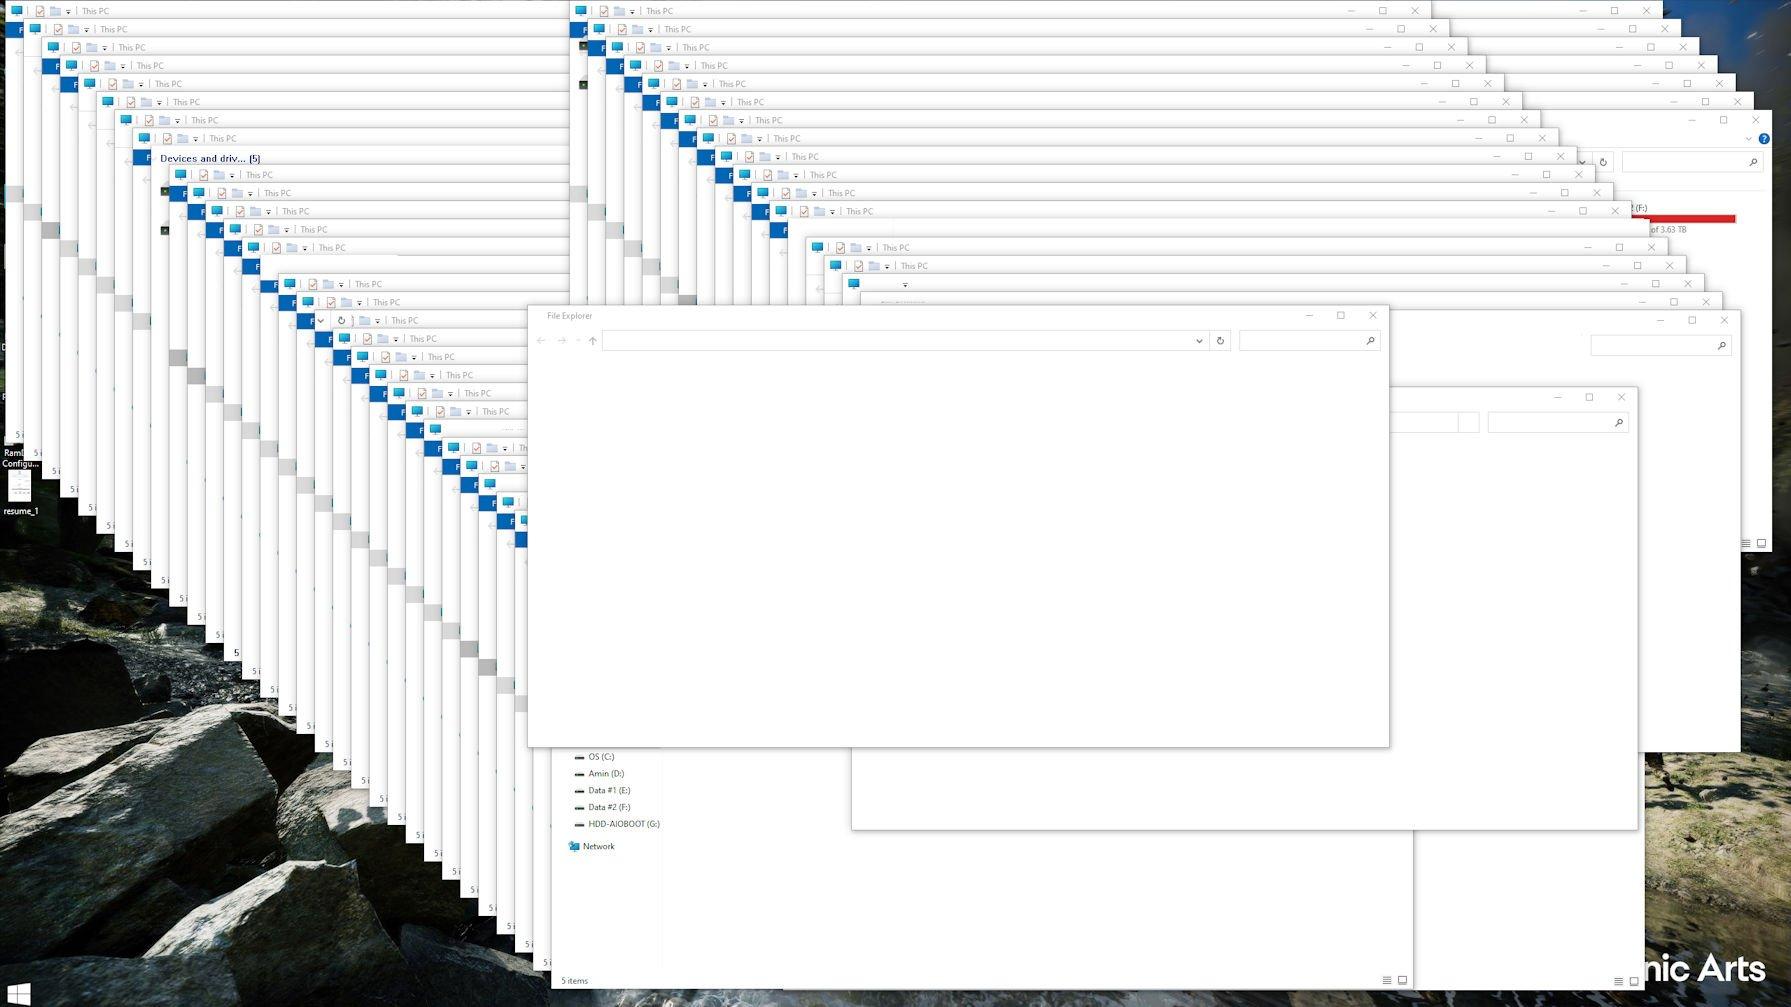 Windows 11 BUG